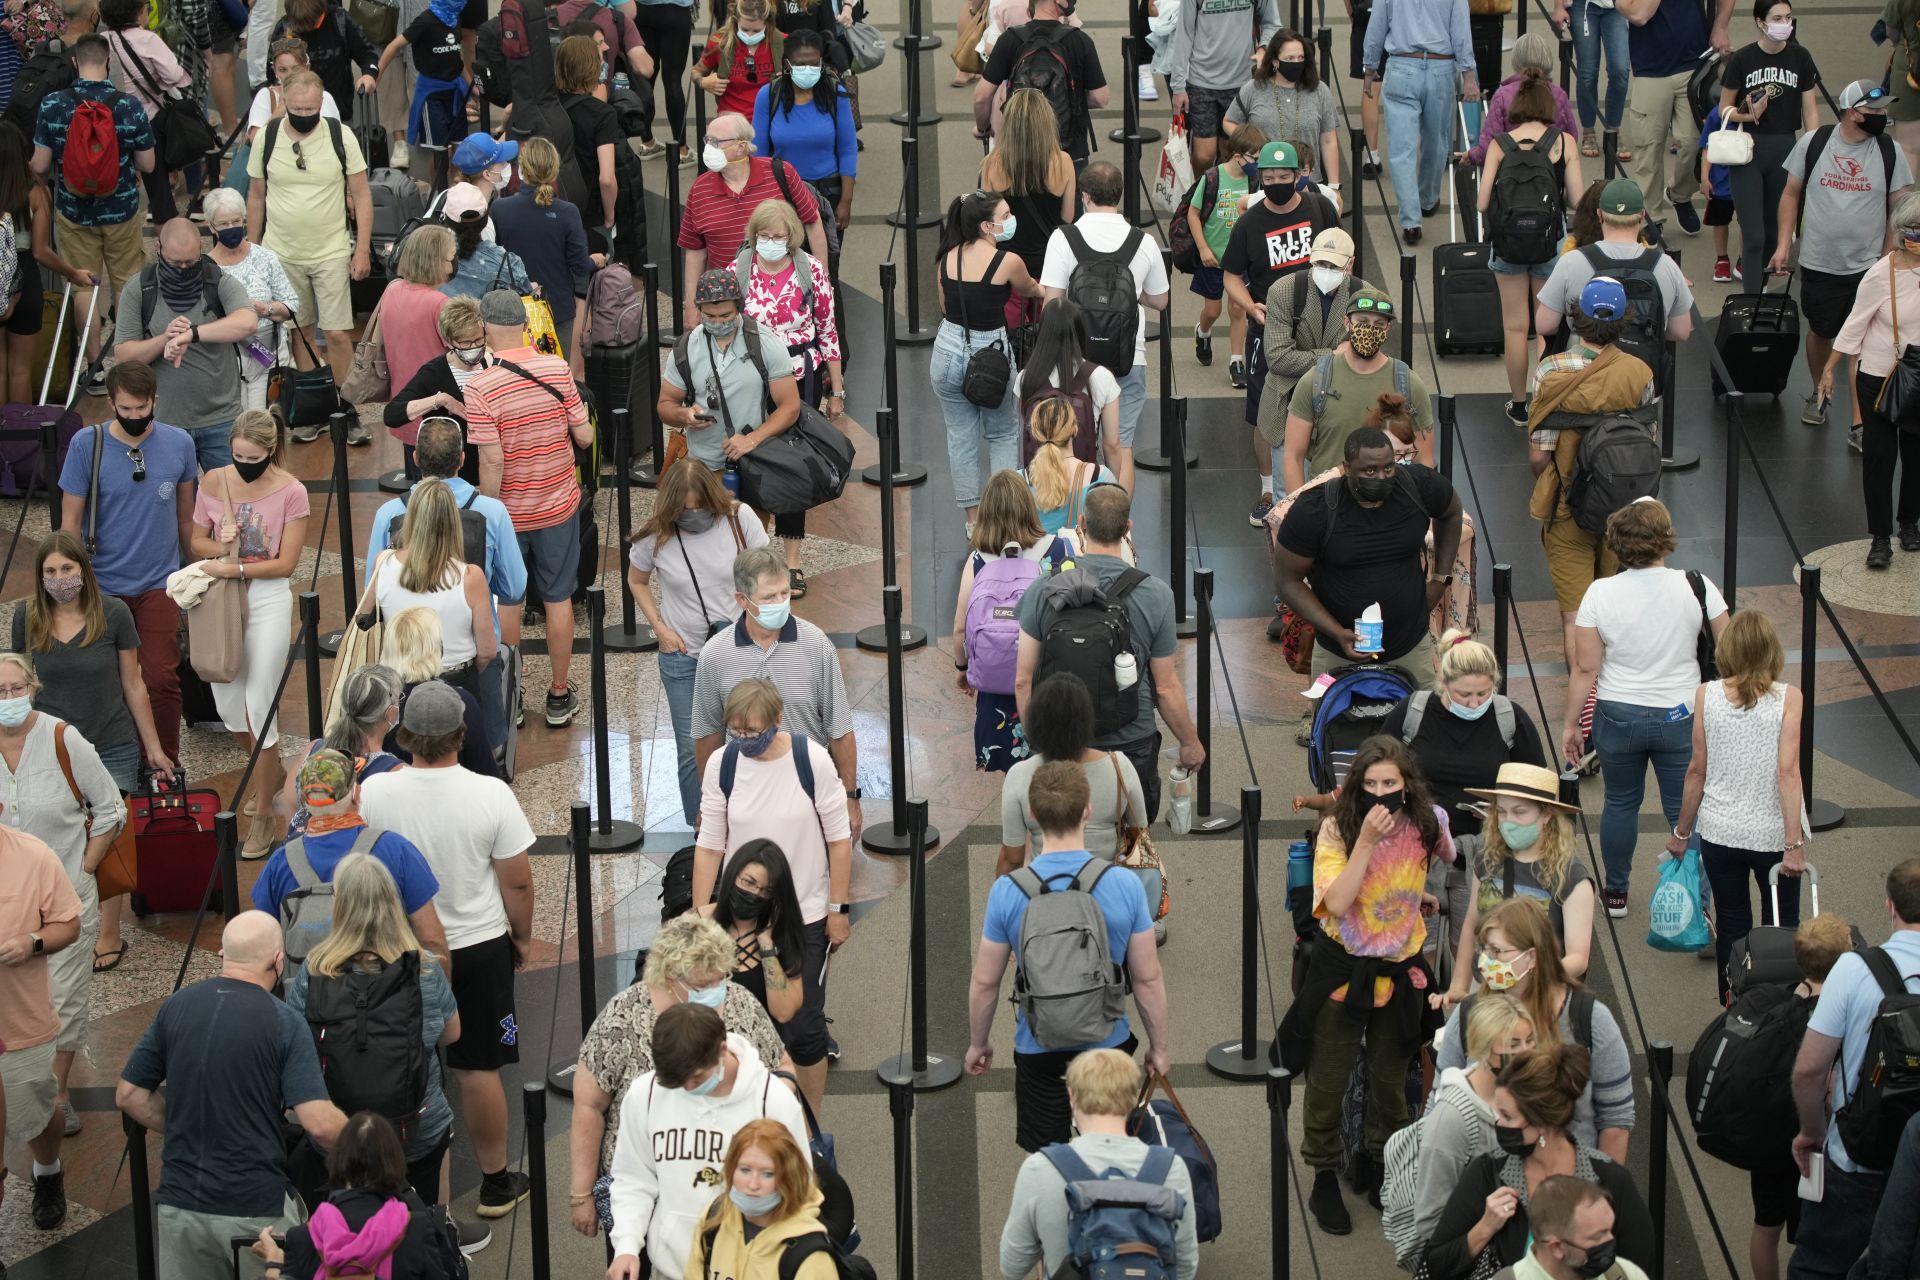 12 юни 2021 г. - Денвър, САЩ - Пътуващи се редят на дълги опашки, за да преминат през южния пункт за сигурност на международното летище